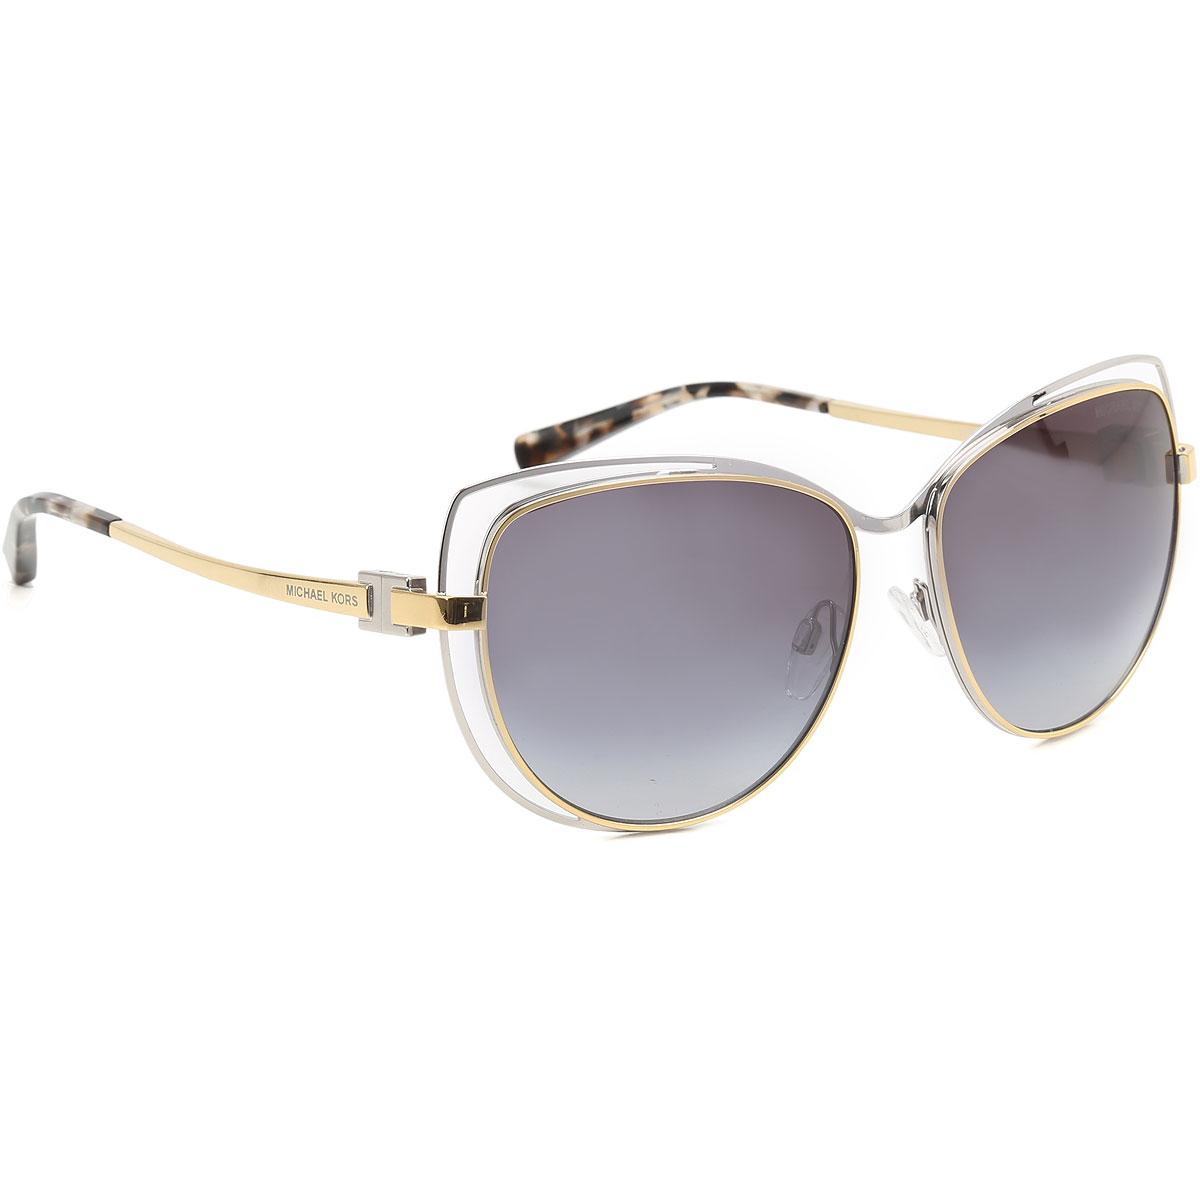 Michael Kors Sunglasses On Sale, 2019